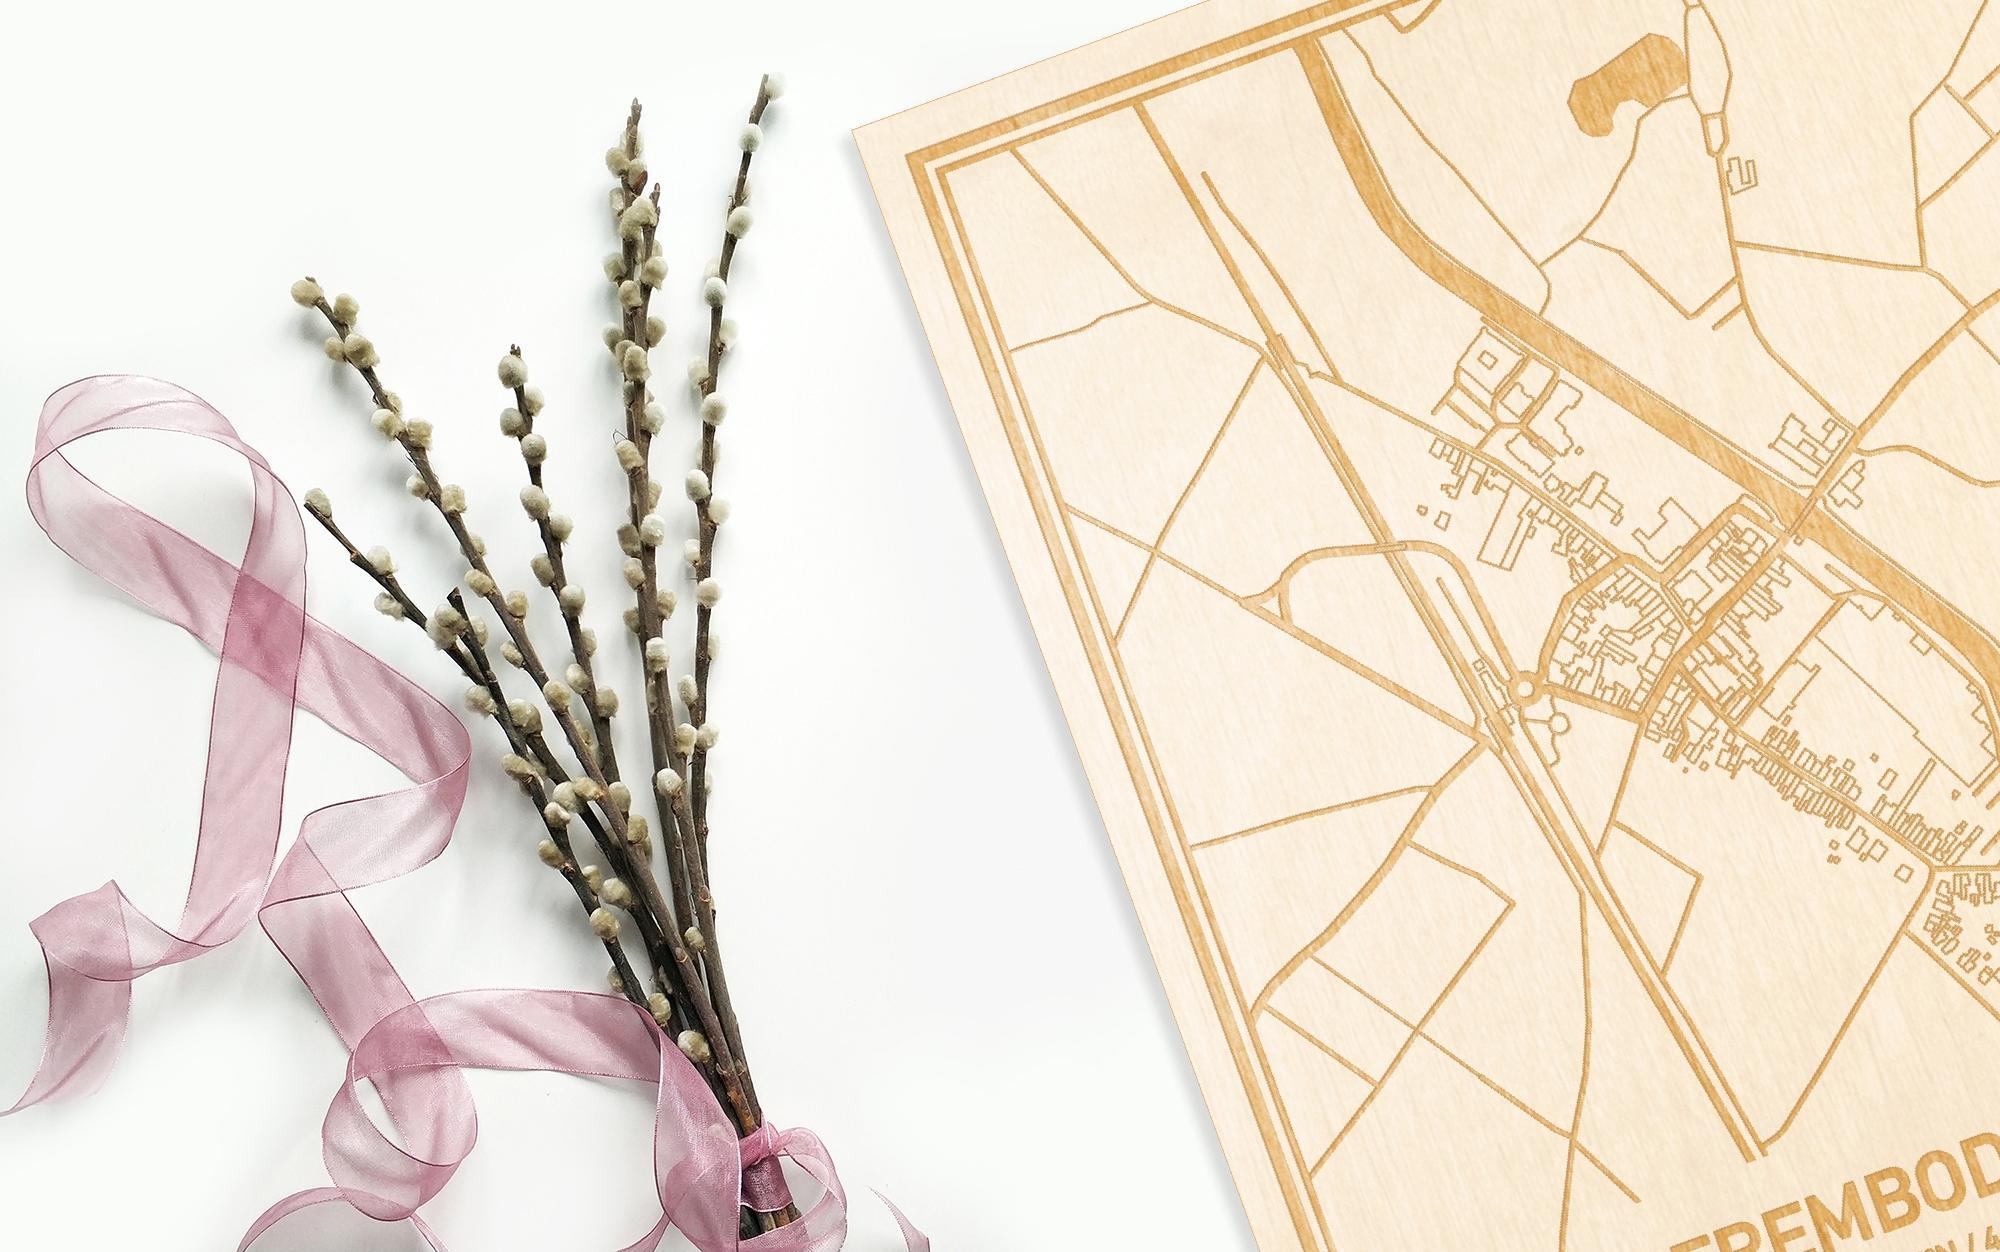 Hier ligt de houten plattegrond Erembodegem naast een bloemetje als gepersonaliseerd cadeau voor haar.